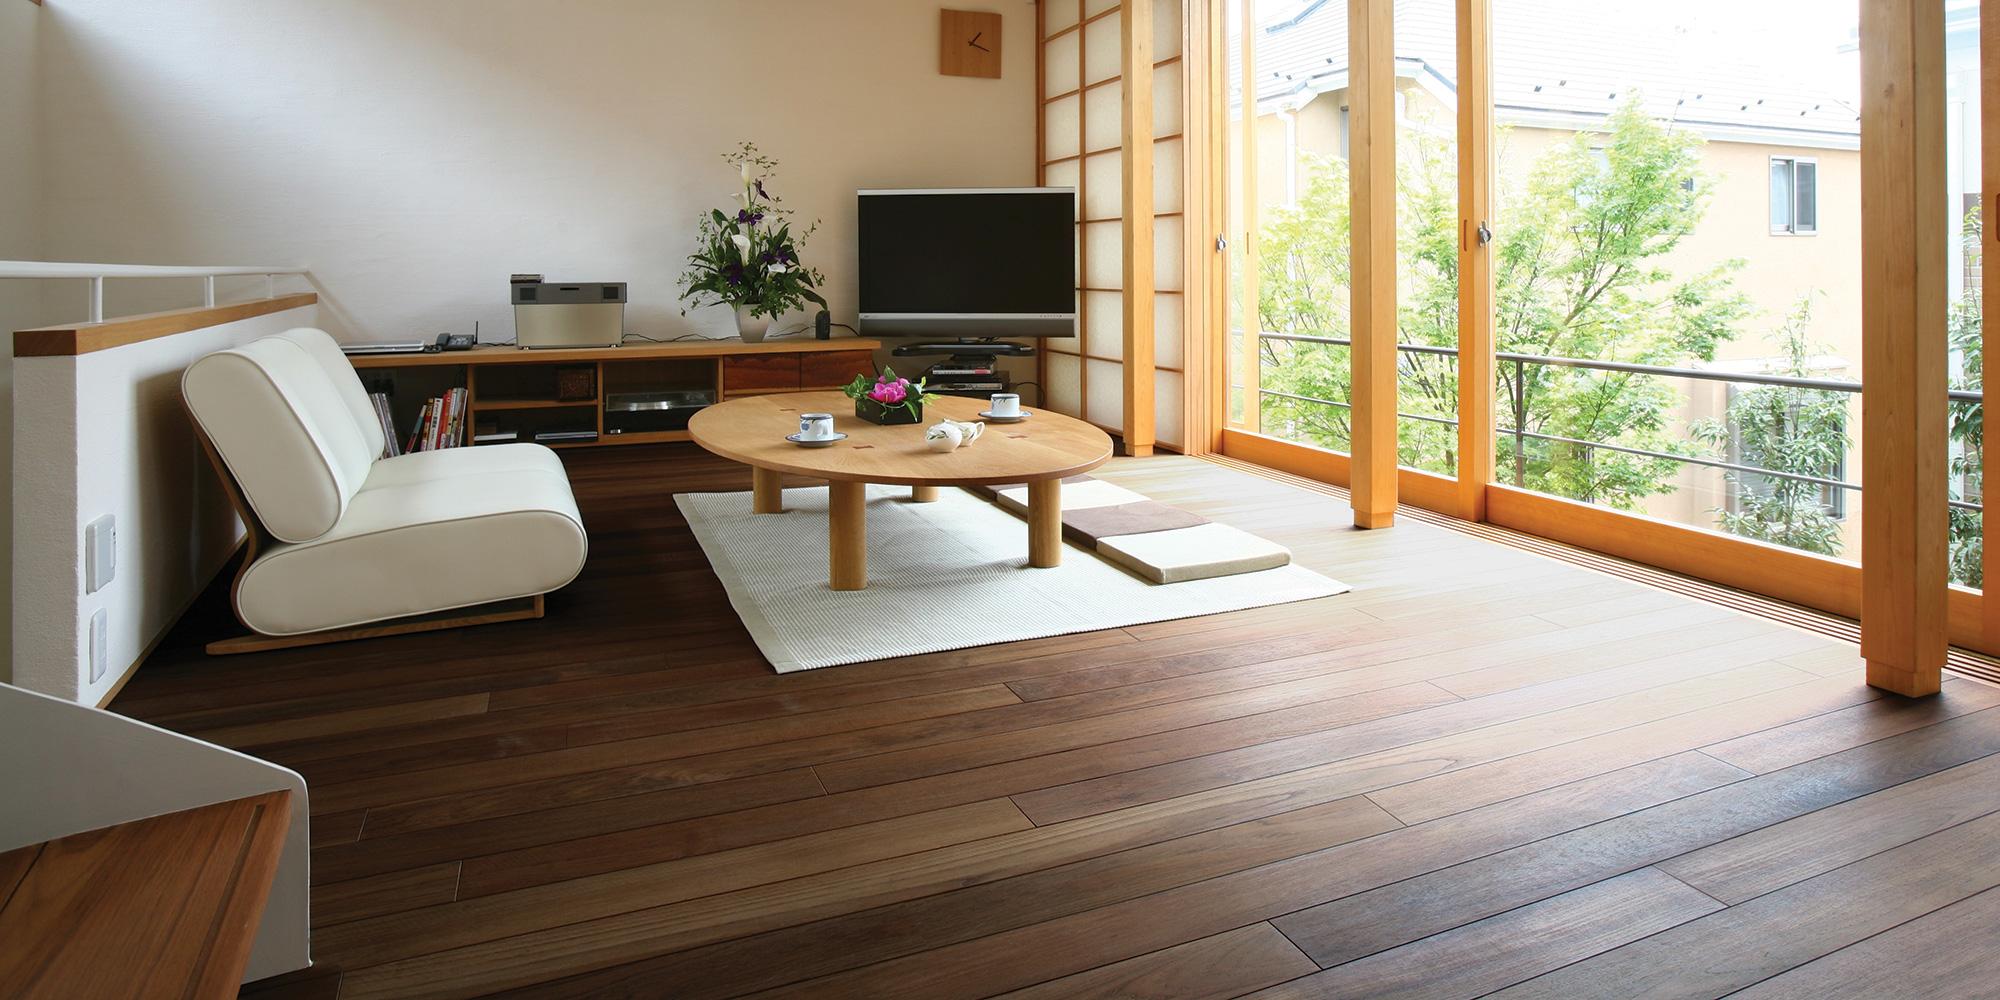 aftec arch floor services flooring